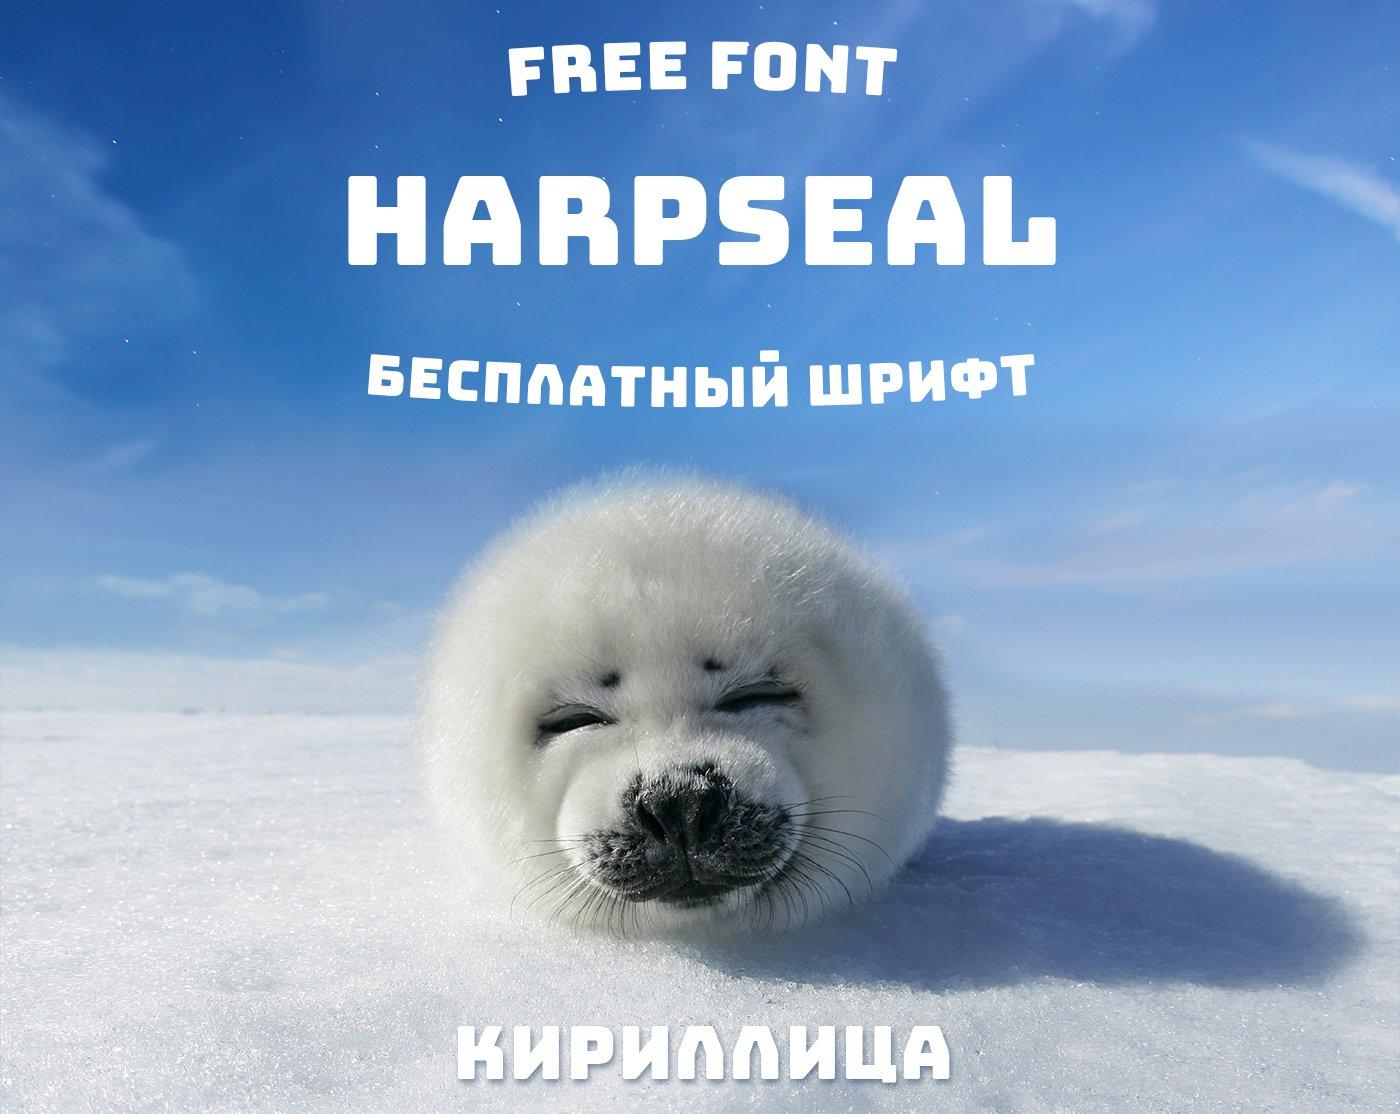 Шрифт Harpseal Cyrillic скачать